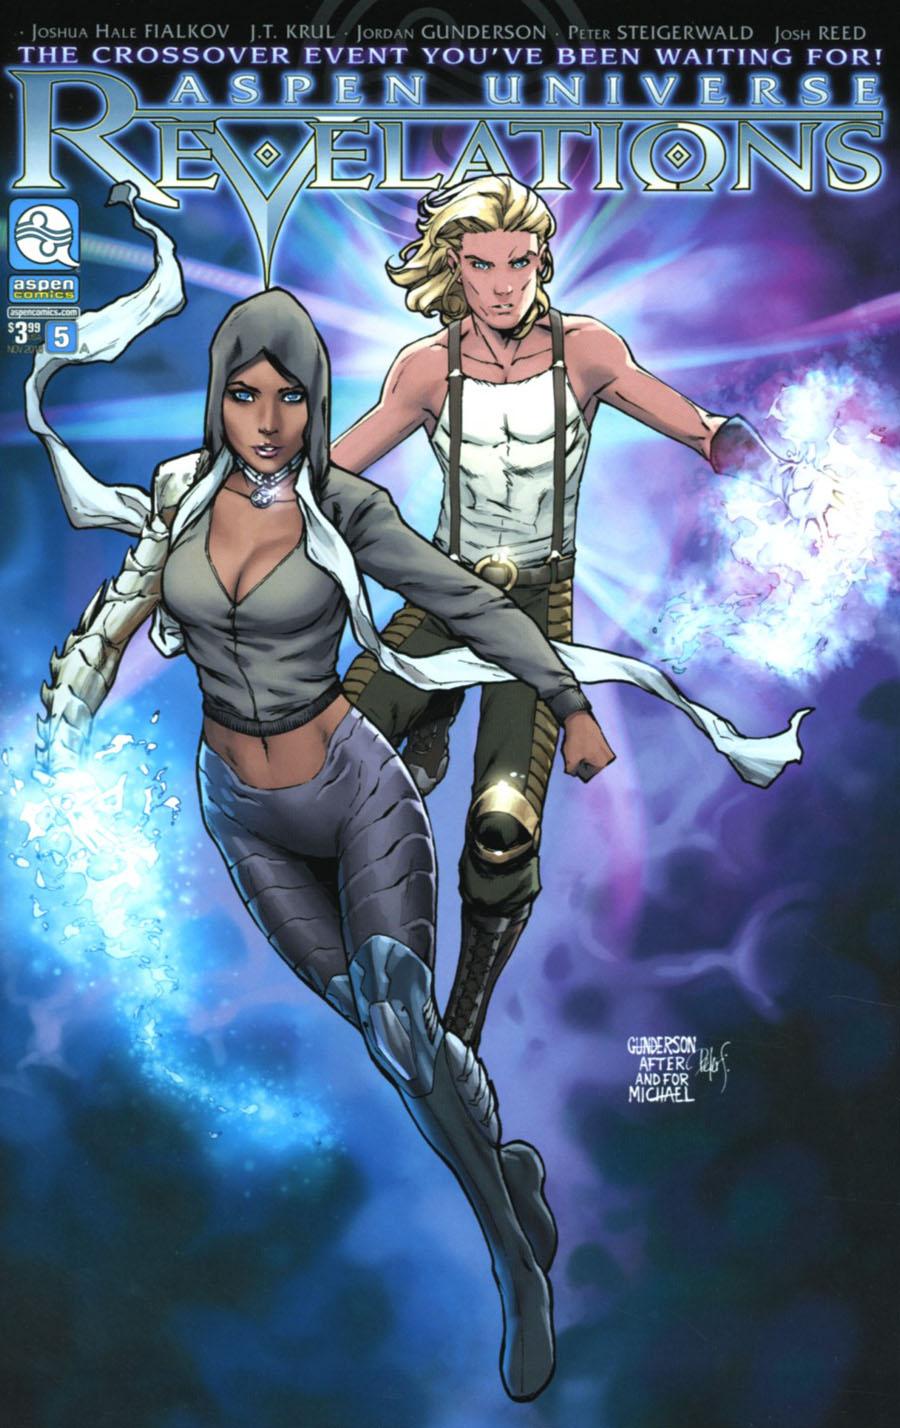 Aspen Universe Revelations #5 Cover A Regular Jordan Gunderson Cover